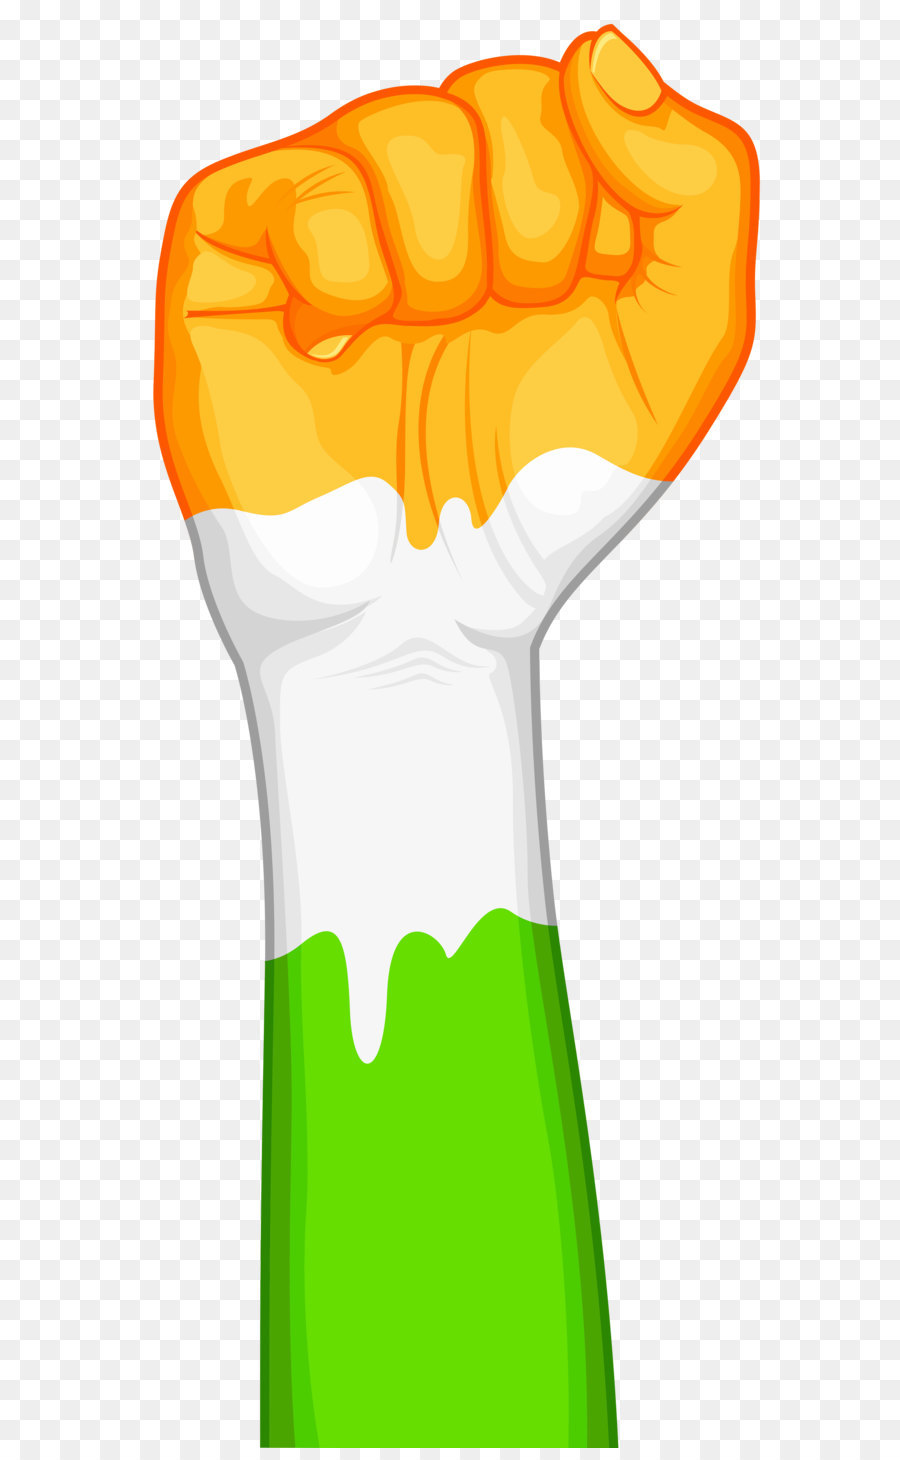 Descarga gratuita de La India, Bandera De La India, De Alta Definición De Vídeo Imágen de Png